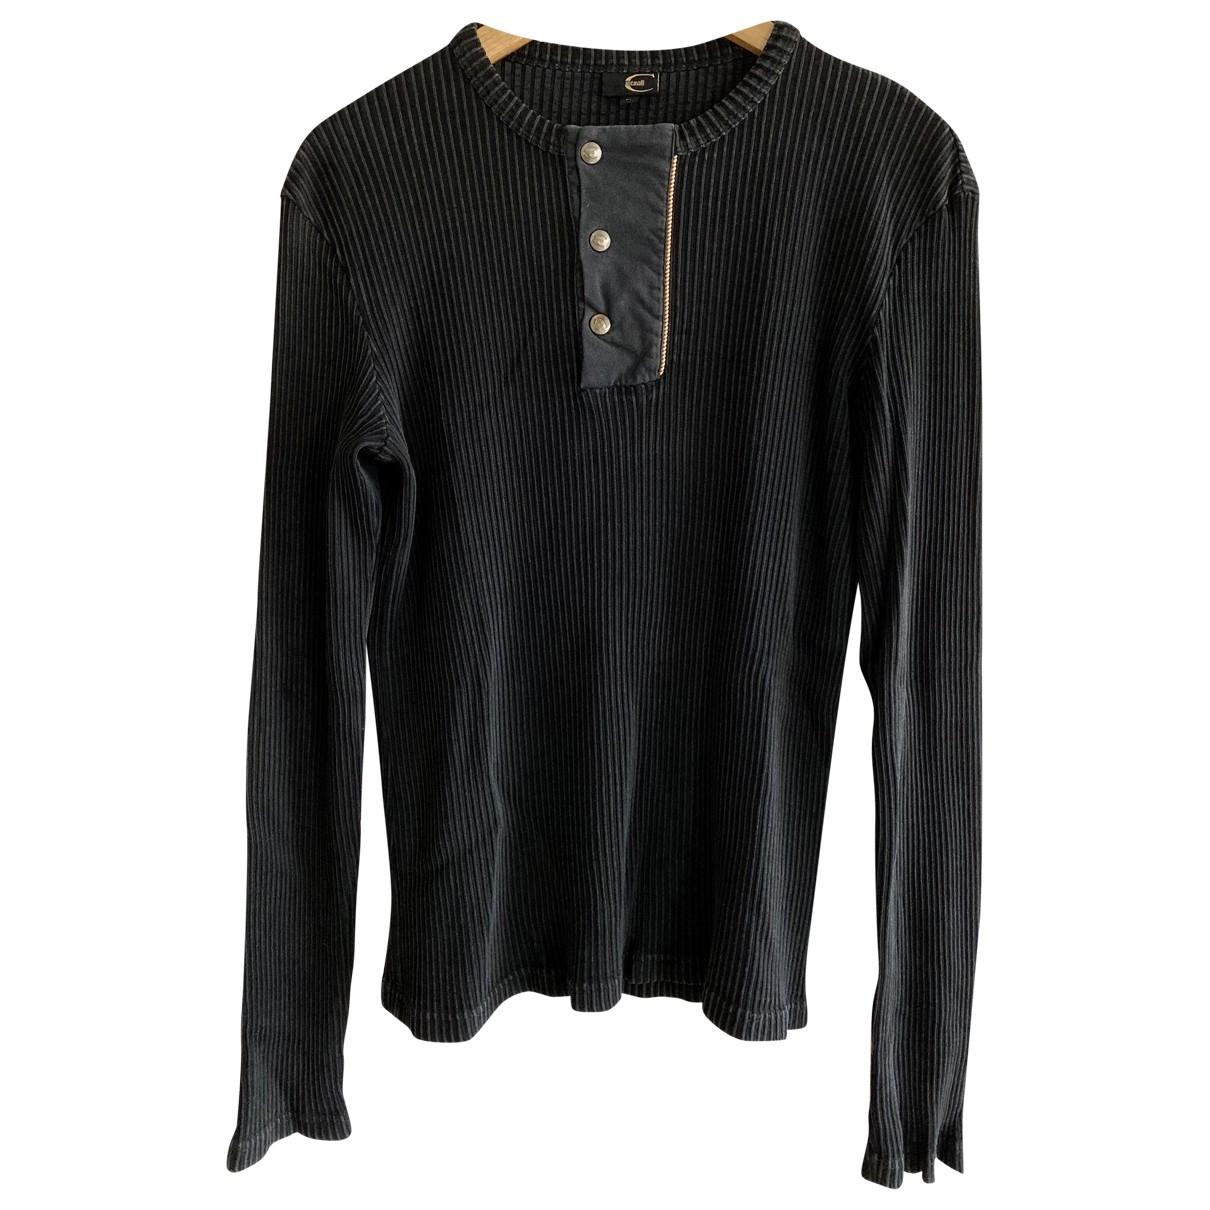 Just Cavalli - Pulls.Gilets.Sweats   pour homme en coton - noir